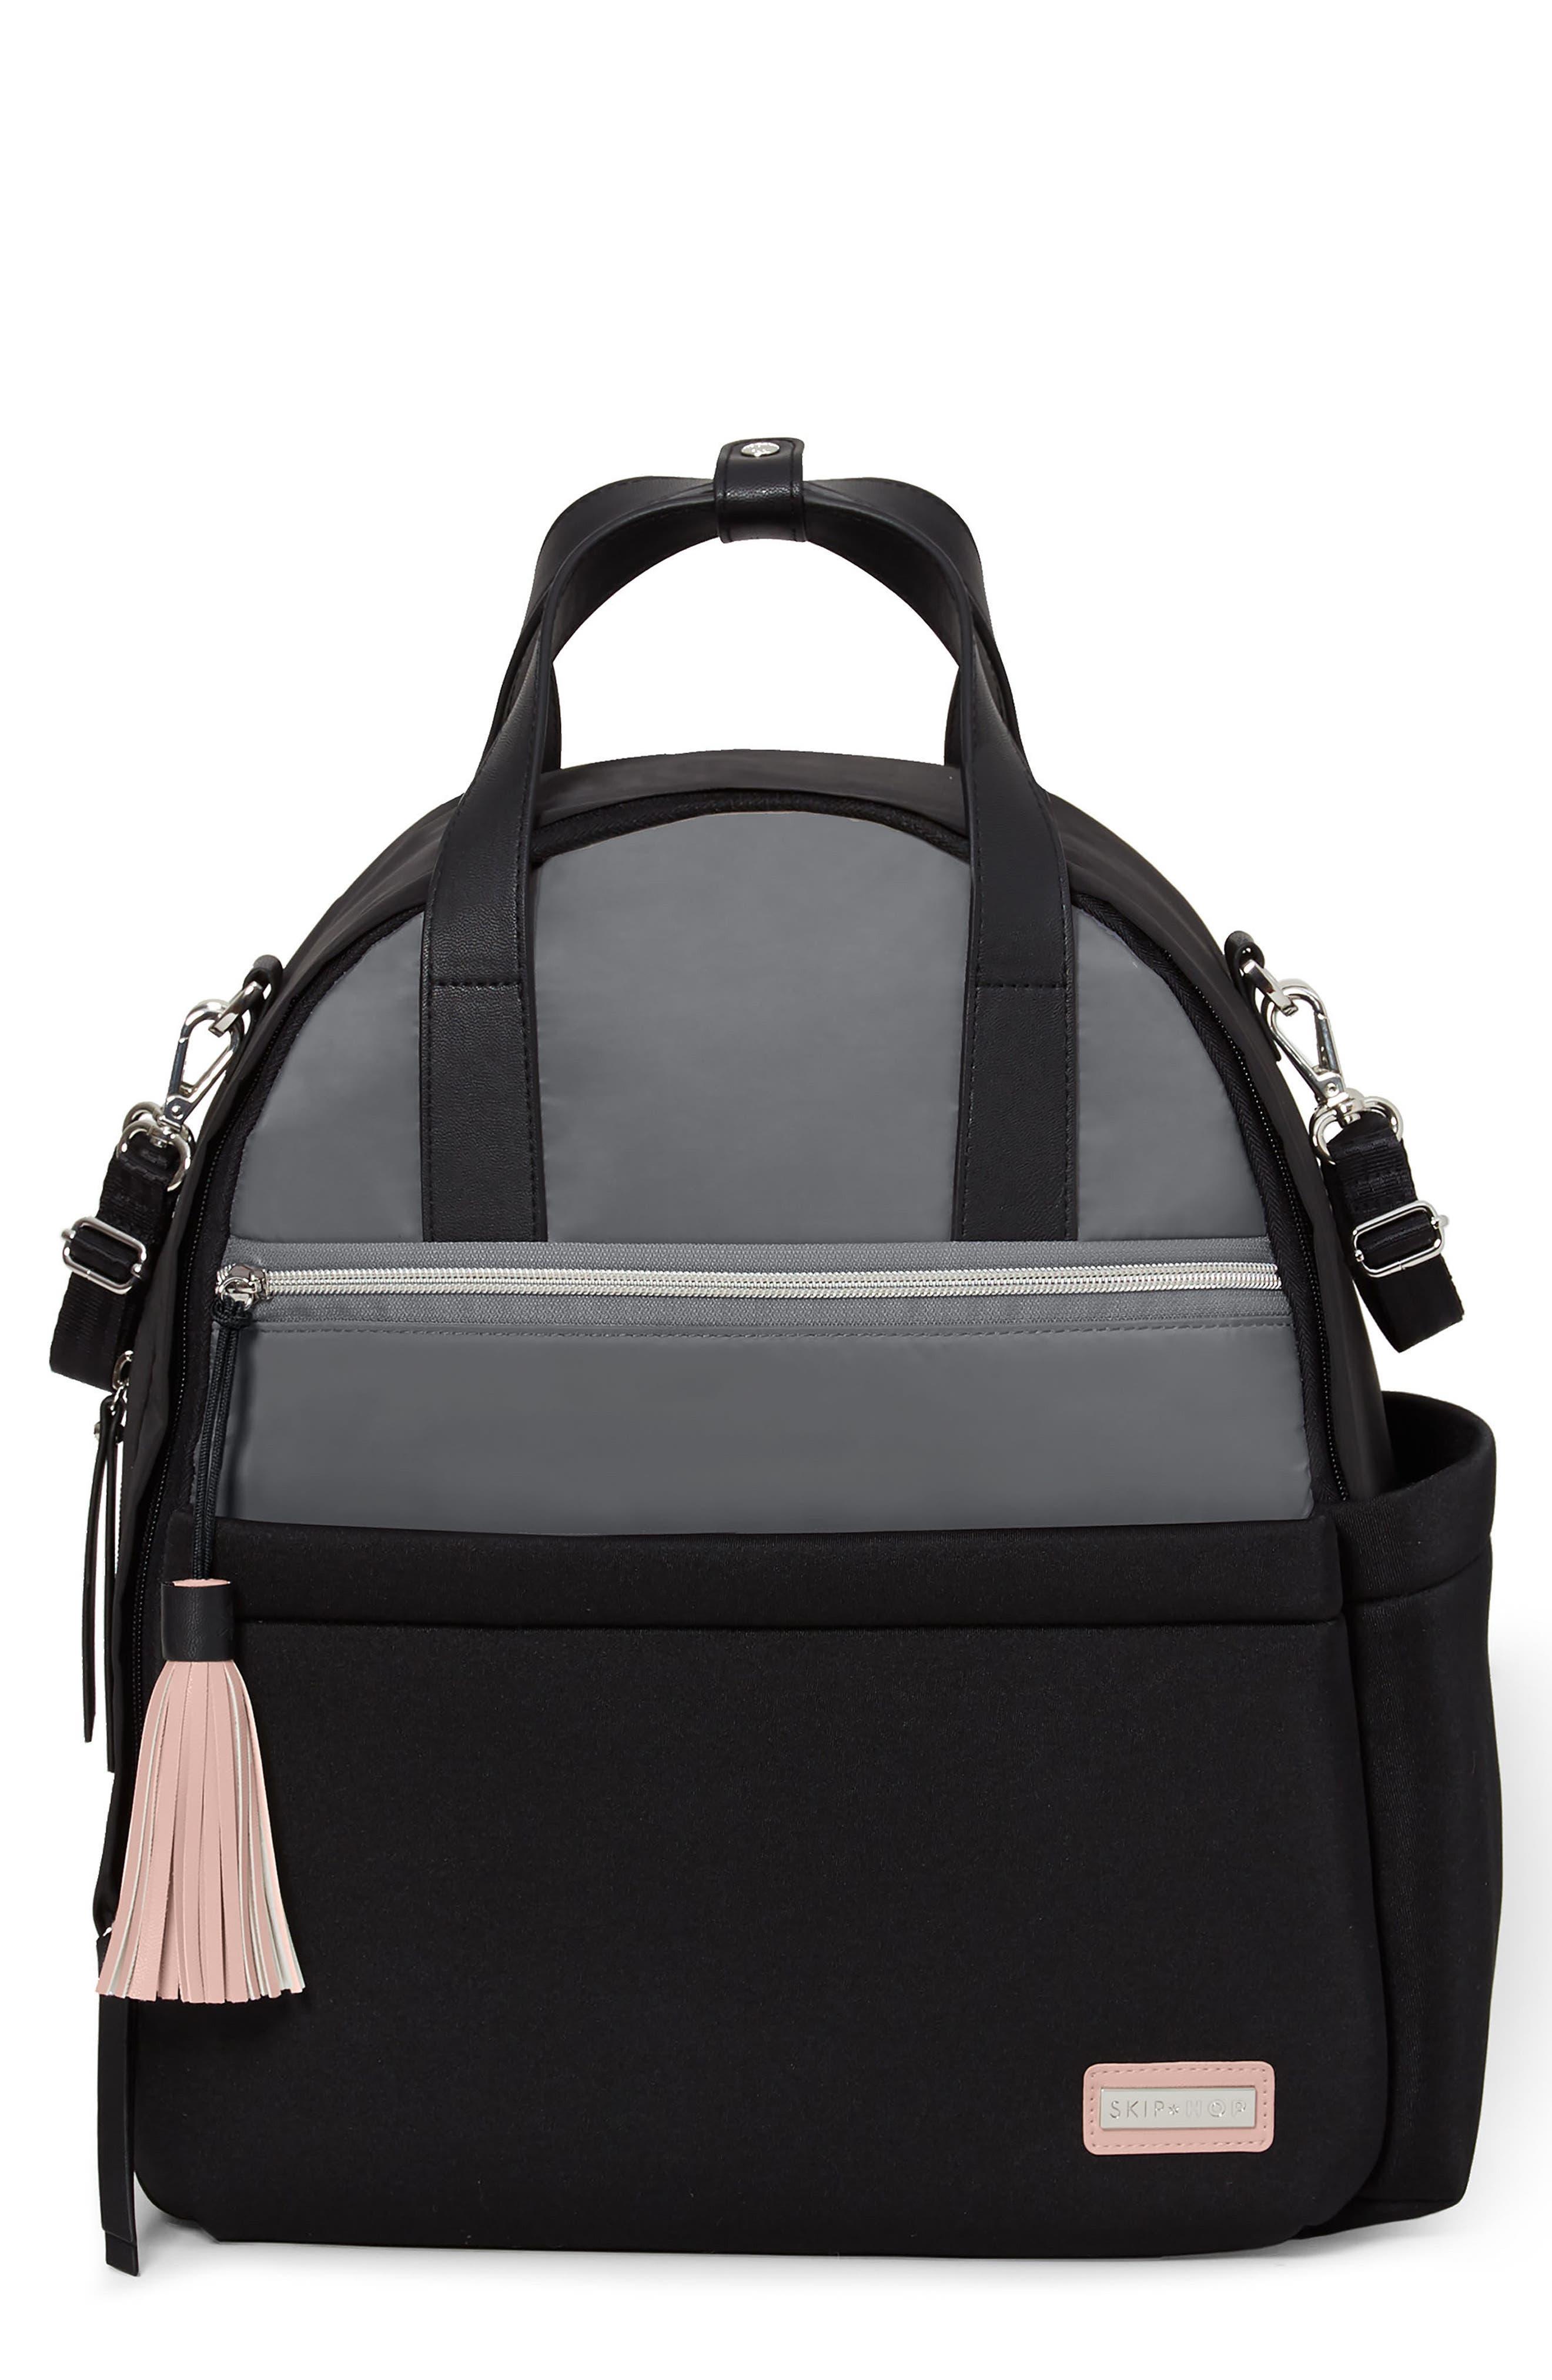 Main Image - Skip Hop Nolita Neoprene Diaper Backpack